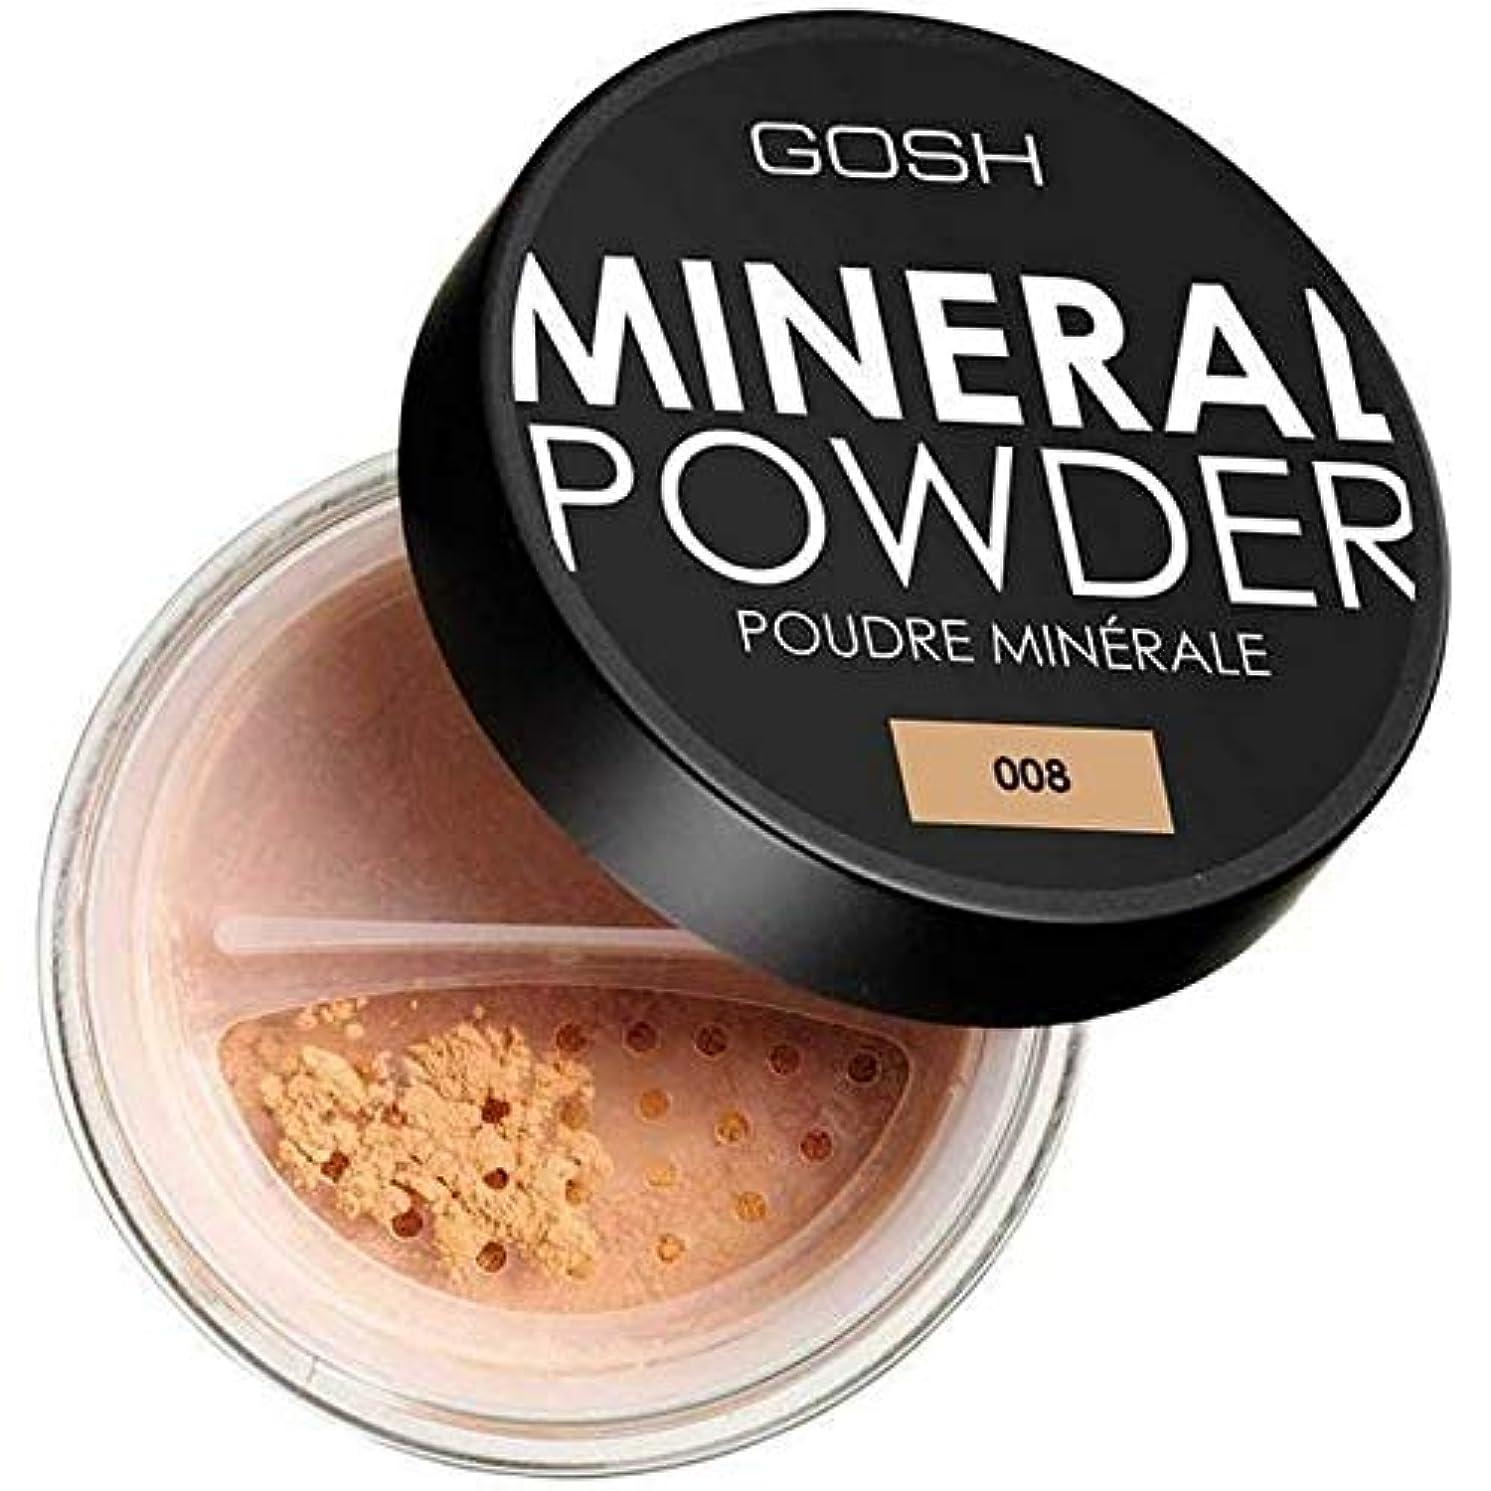 露ピザアコード[GOSH ] おやっミネラルフルカバーファンデーションパウダー日焼け008 - GOSH Mineral Full Coverage Foundation Powder Tan 008 [並行輸入品]